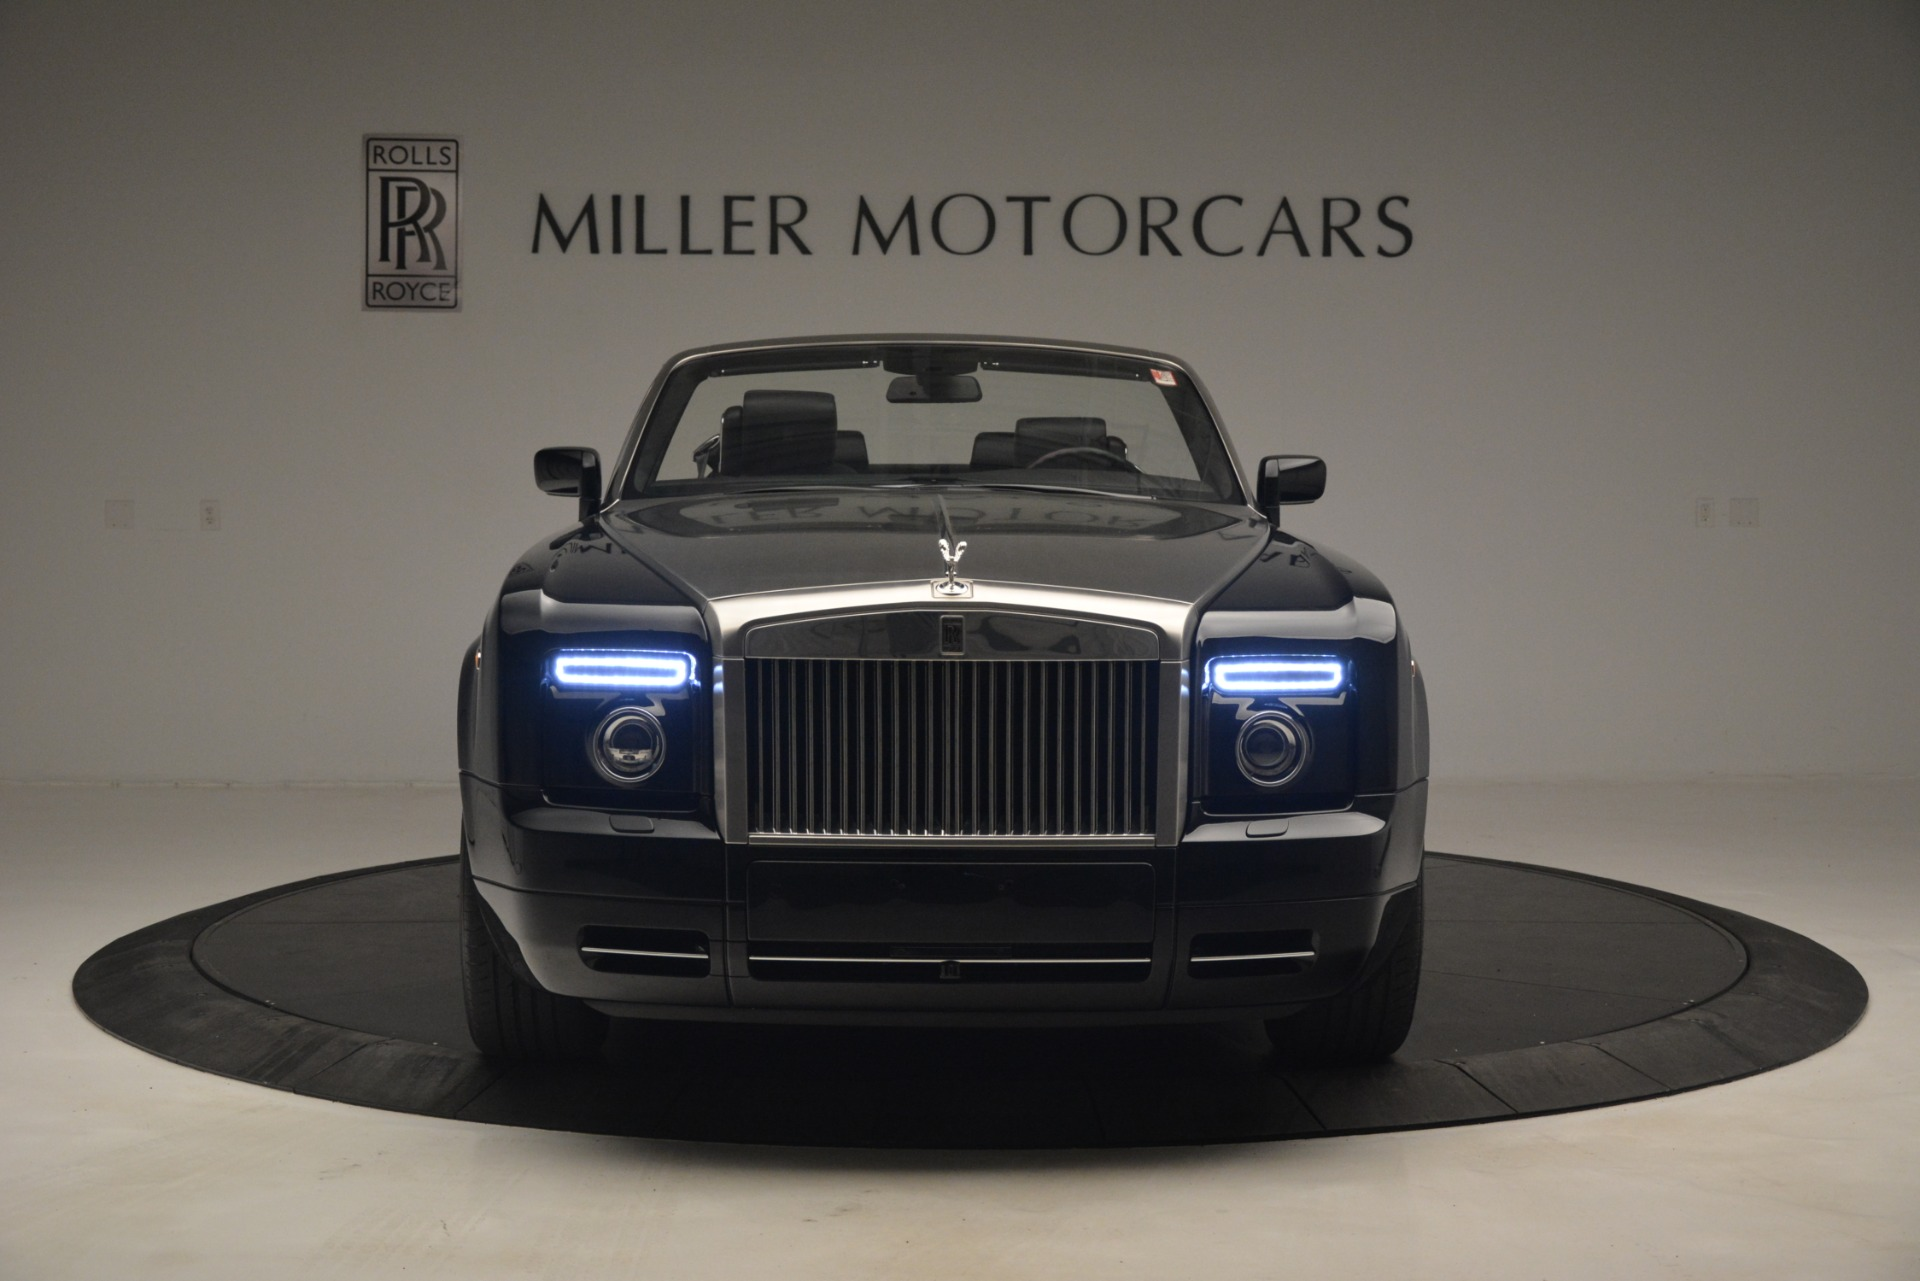 Used 2008 Rolls-Royce Phantom Drophead Coupe  For Sale In Westport, CT 3000_p8